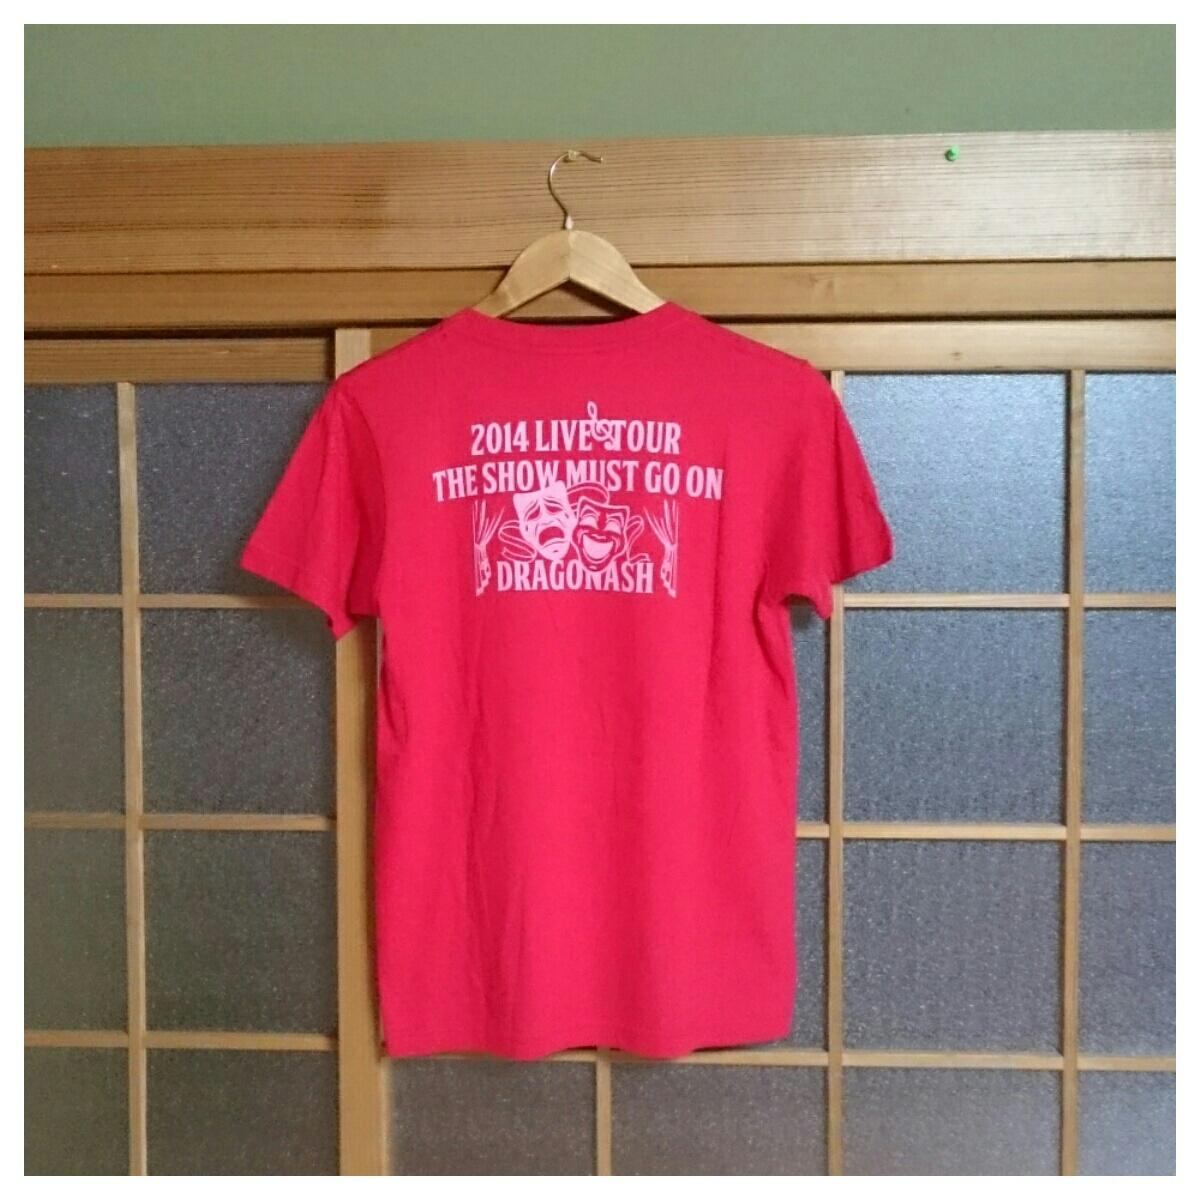 3 美品 DRAGON ASH ドラゴンアッシュ 2014 THE SHOW MUST GO ON ライブツアーTシャツ ロックT バンドT Sサイズ 赤_画像2